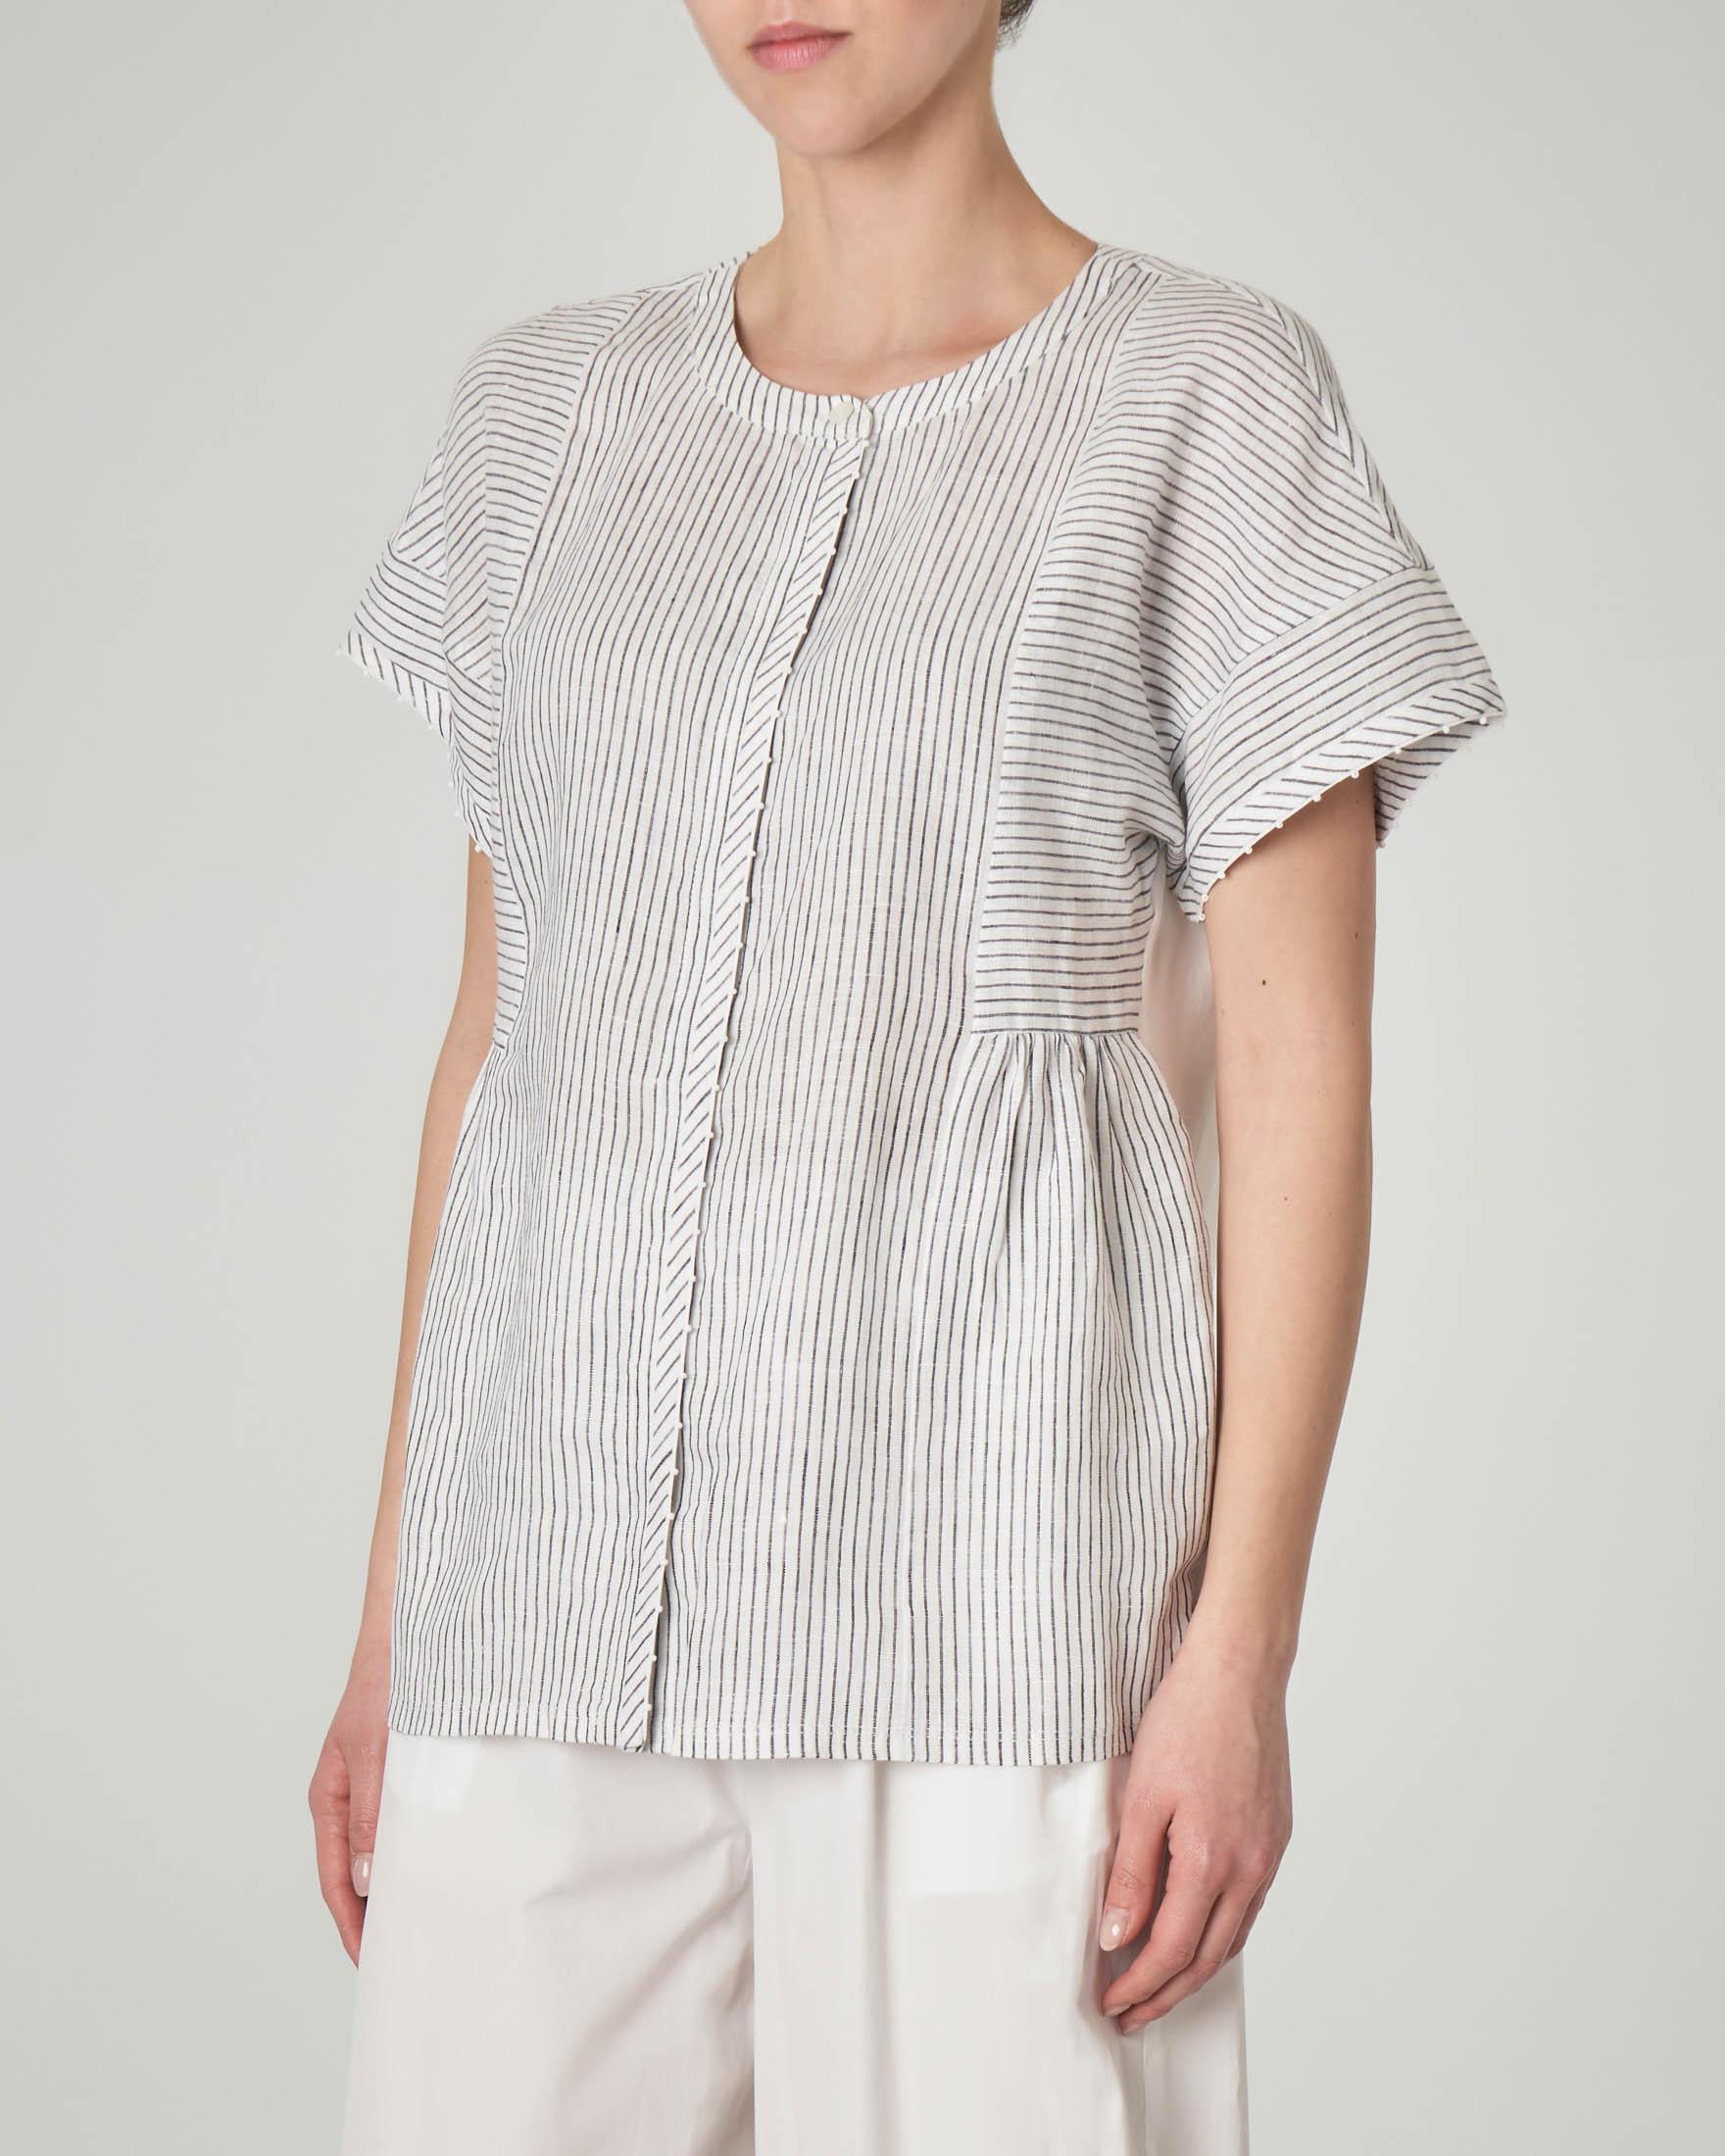 Camicia in lino con maniche corte e fantasia a righe sul davanti.